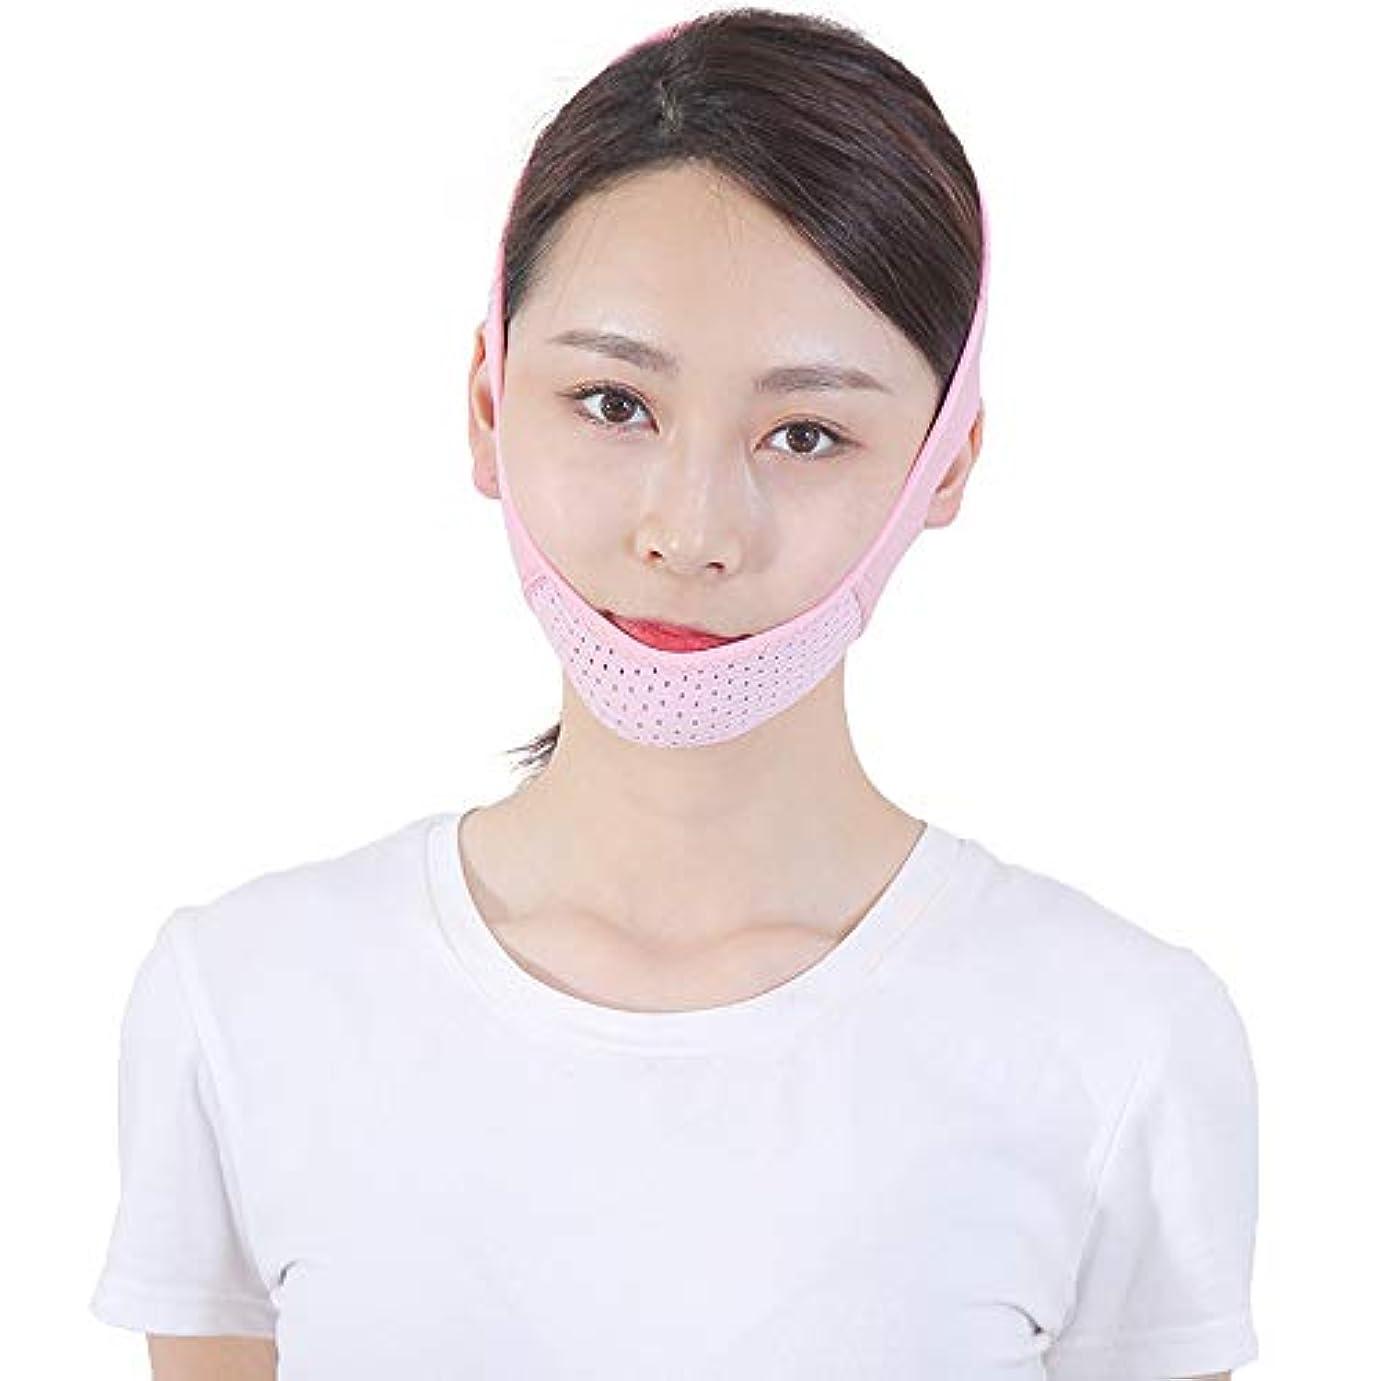 習字かりて目指すGYZ フェイシャルリフティング痩身ベルトフェイススリムゲットダブルチンアンチエイジングリンクルフェイスバンデージマスクシェイピングマスク顔を引き締めるダブルチンワークアウト Thin Face Belt